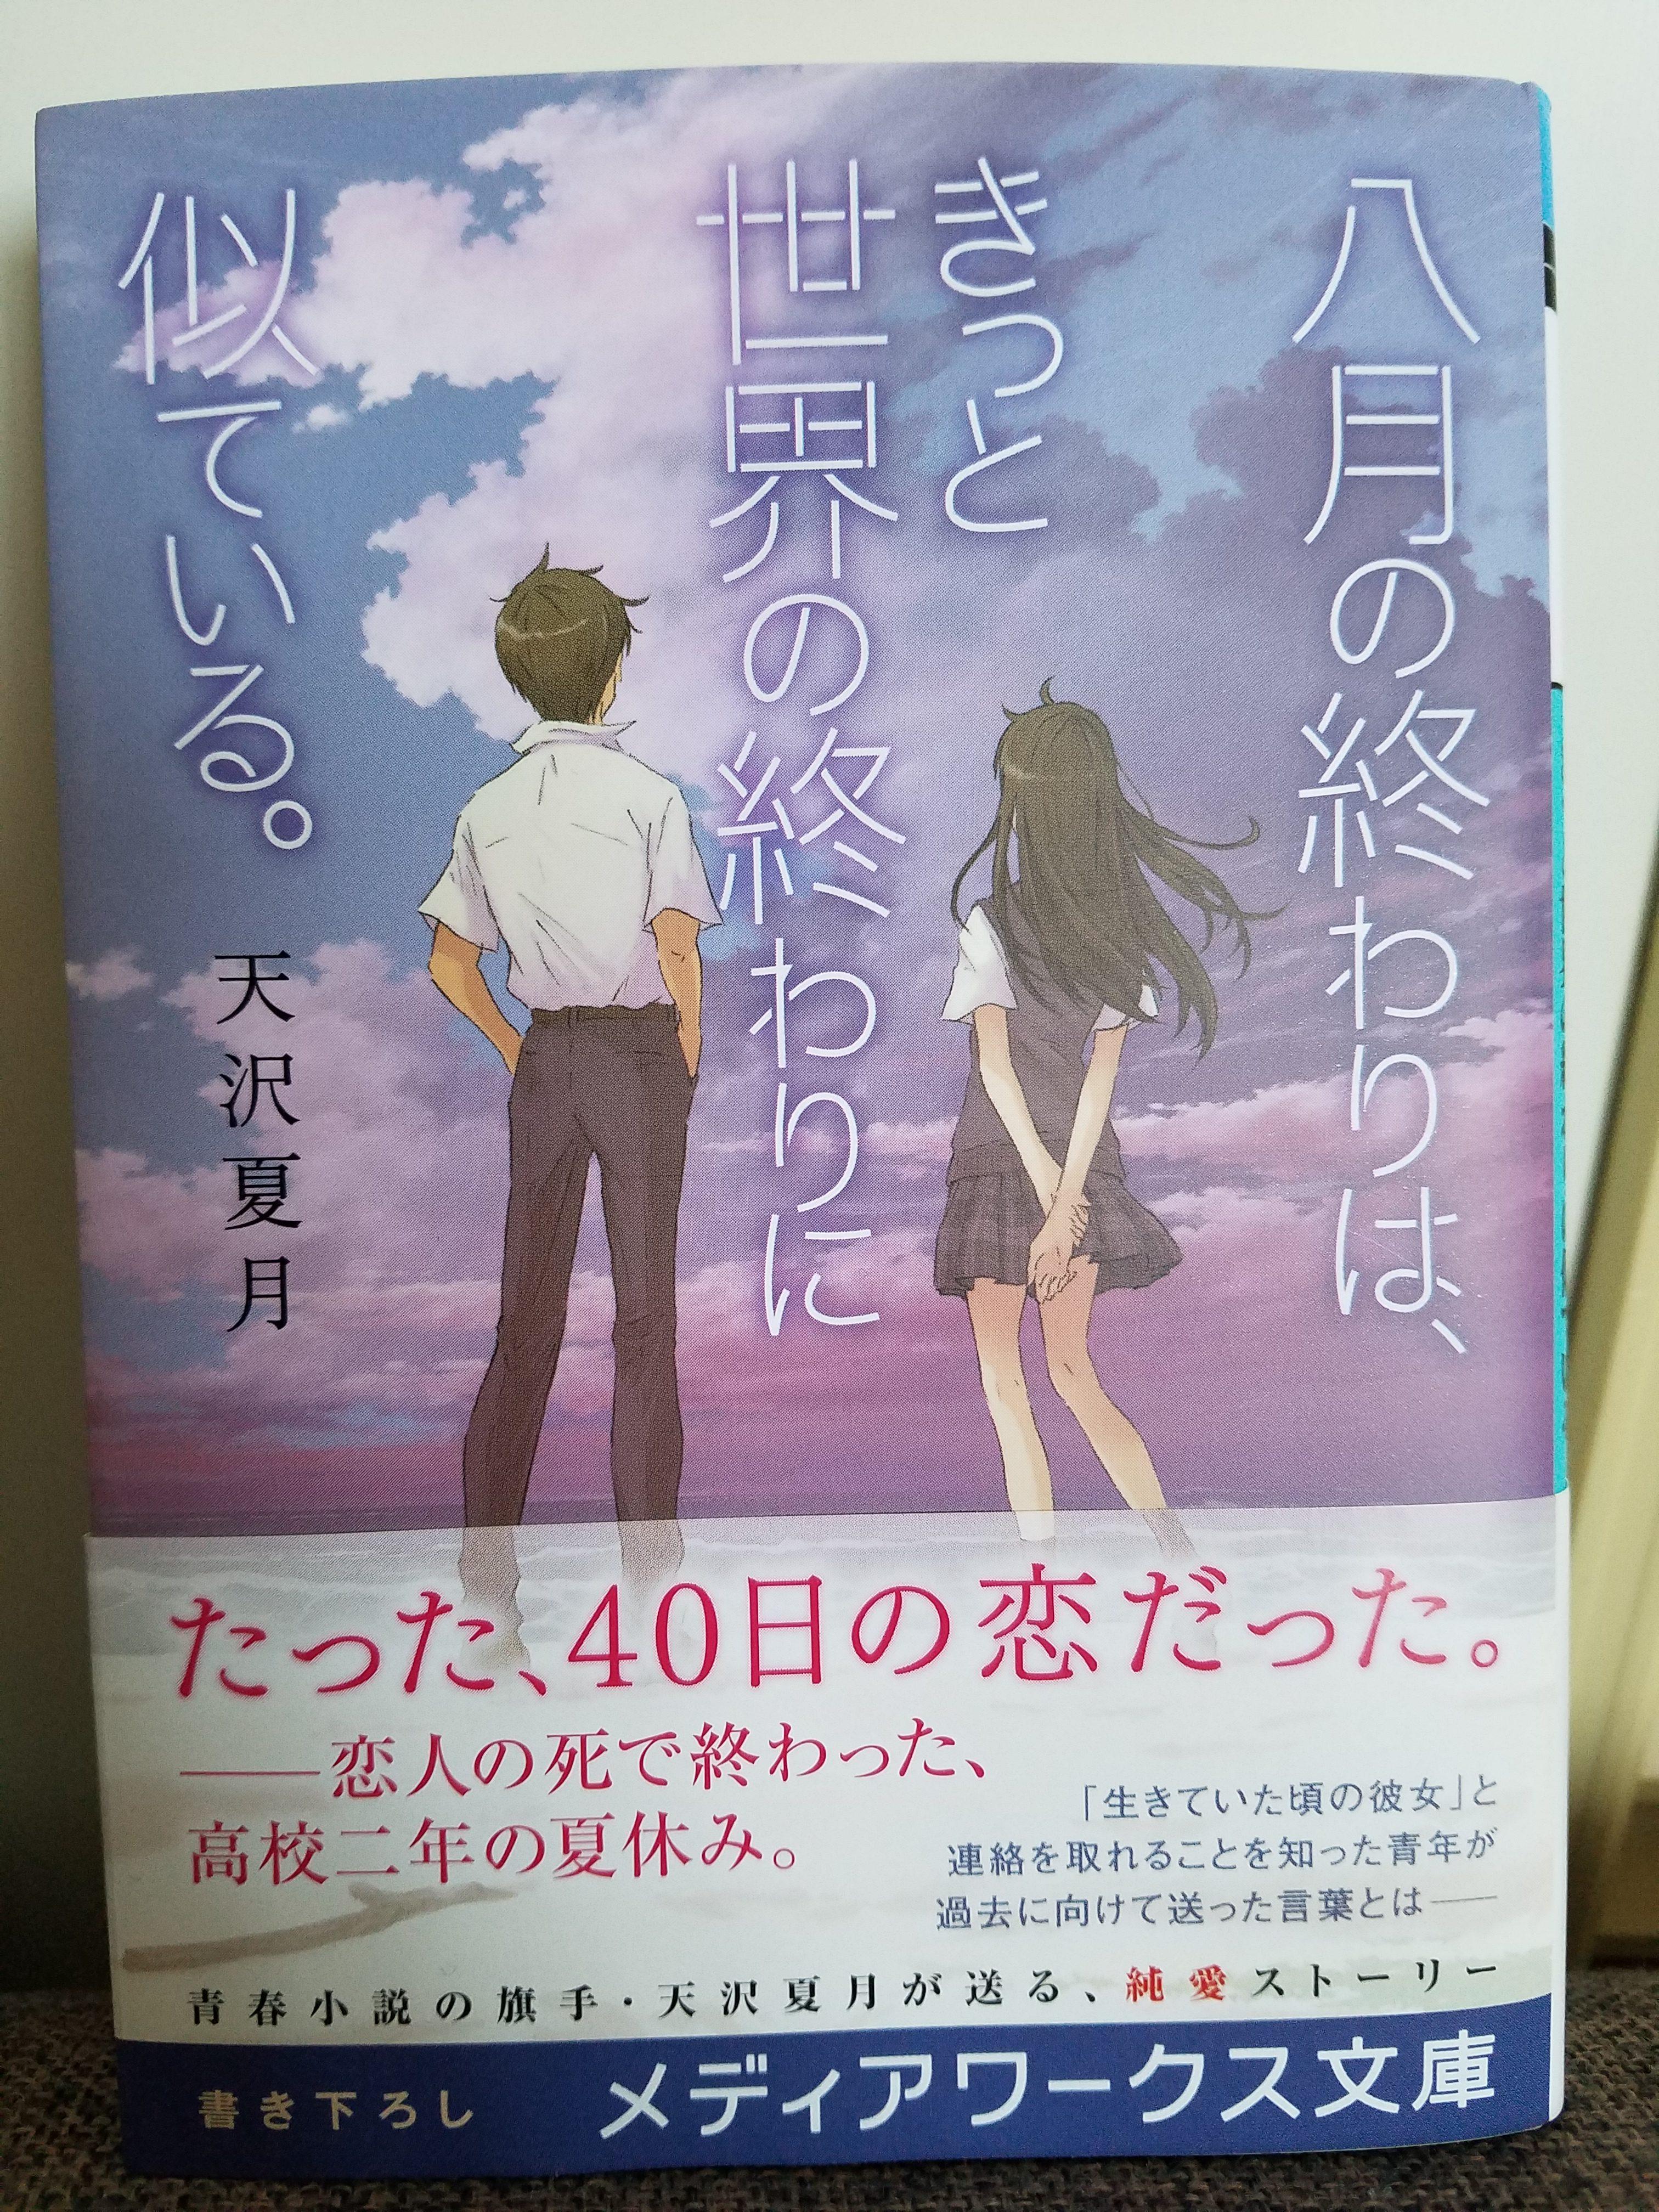 天沢夏月『八月の終わりは、きっと世界の終わりに似ている。』感想※ネタバレ注意(素人小説書評)